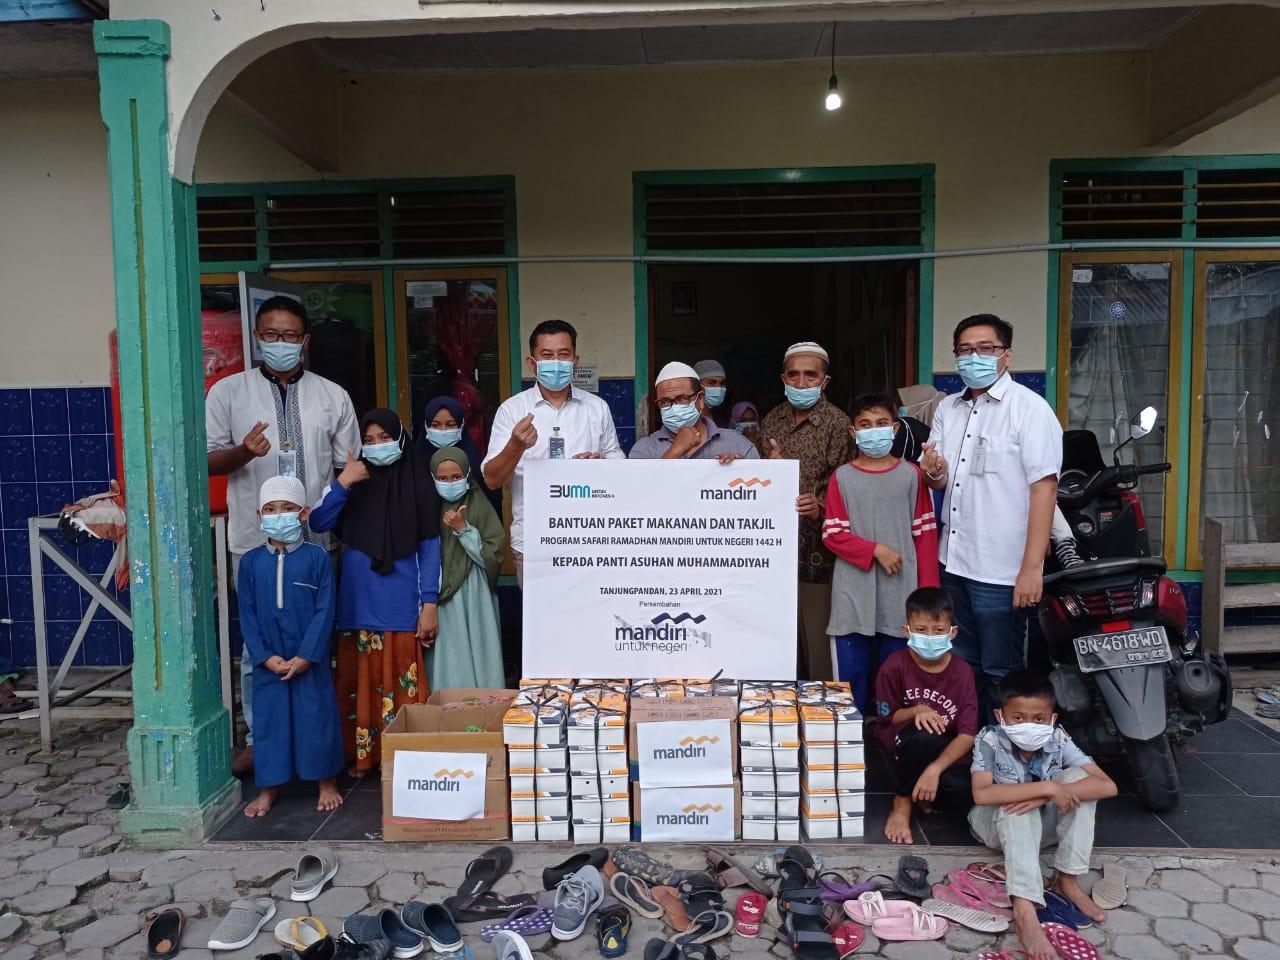 Pemberian paket bingkisan makanan dan takjil Ramadhan ke Panti Asuhan Muhammadiyah Tanjungpandan, Jum'at (23/04/2021)